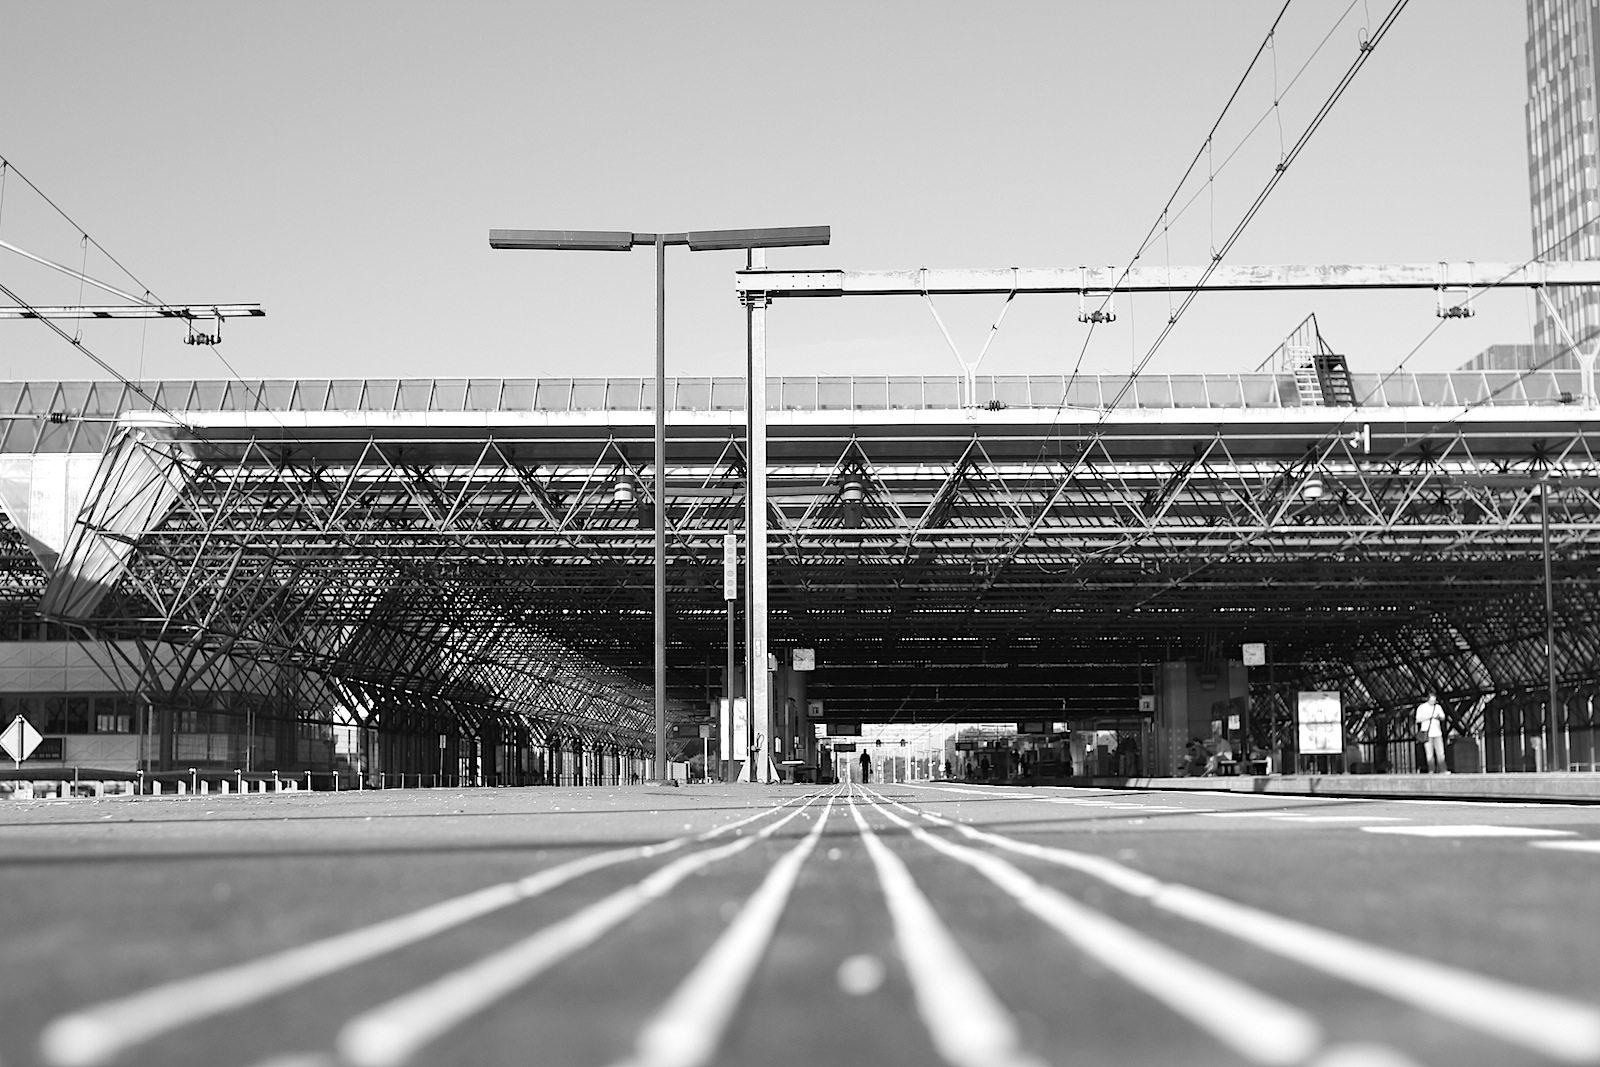 Almere Centrum. Die Innenstadt ist an vielen Stellen wie der Hauptbahnhof: klar, rational, präzise–mit dem almerischen Schuss an Raffinesse und klugem Design.